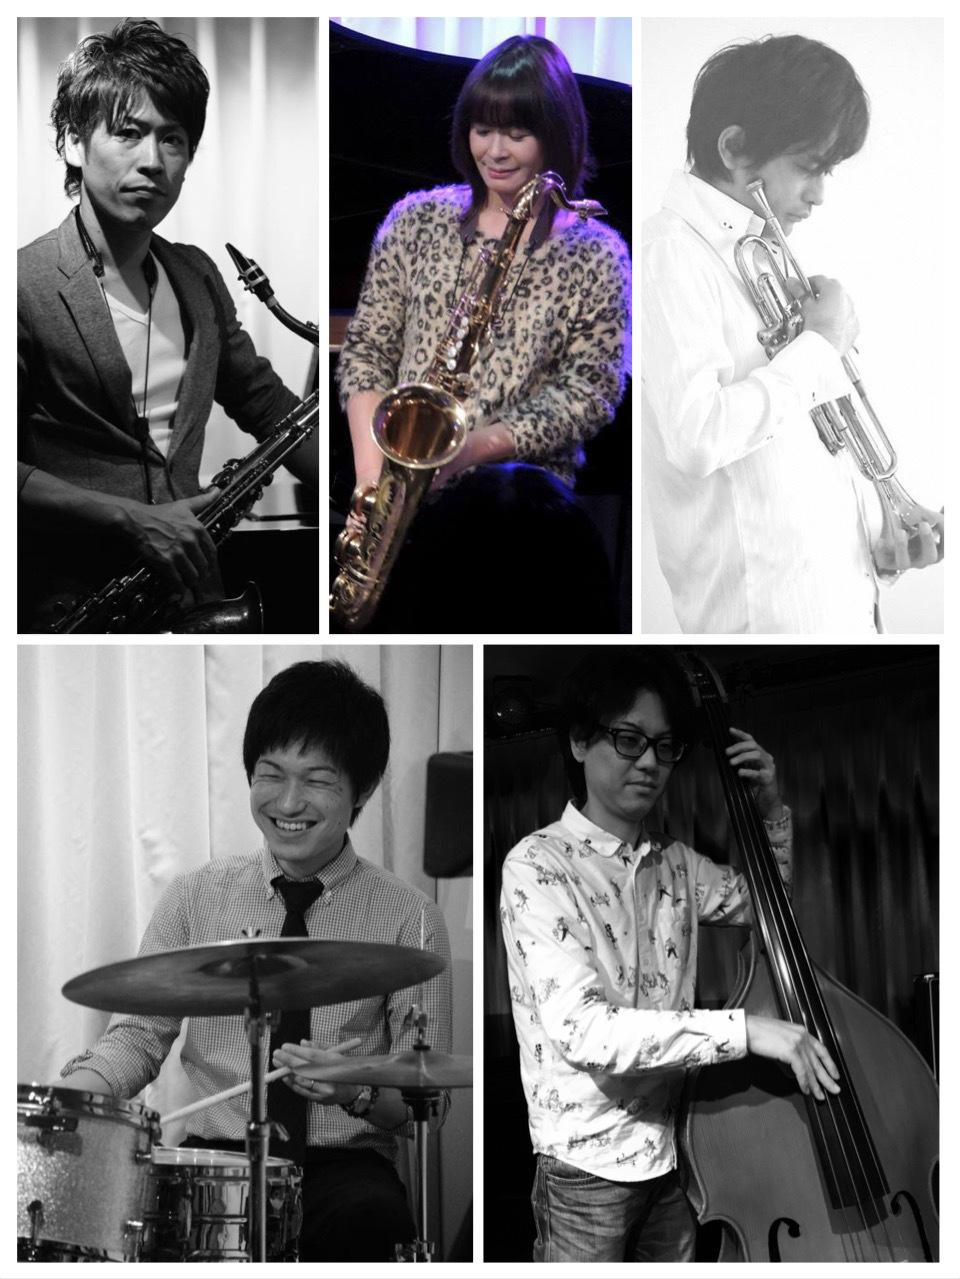 広島 ジャズライブカミン Jazzlive Comin 本日12月27日金曜日のライブ_b0115606_15592395.jpeg